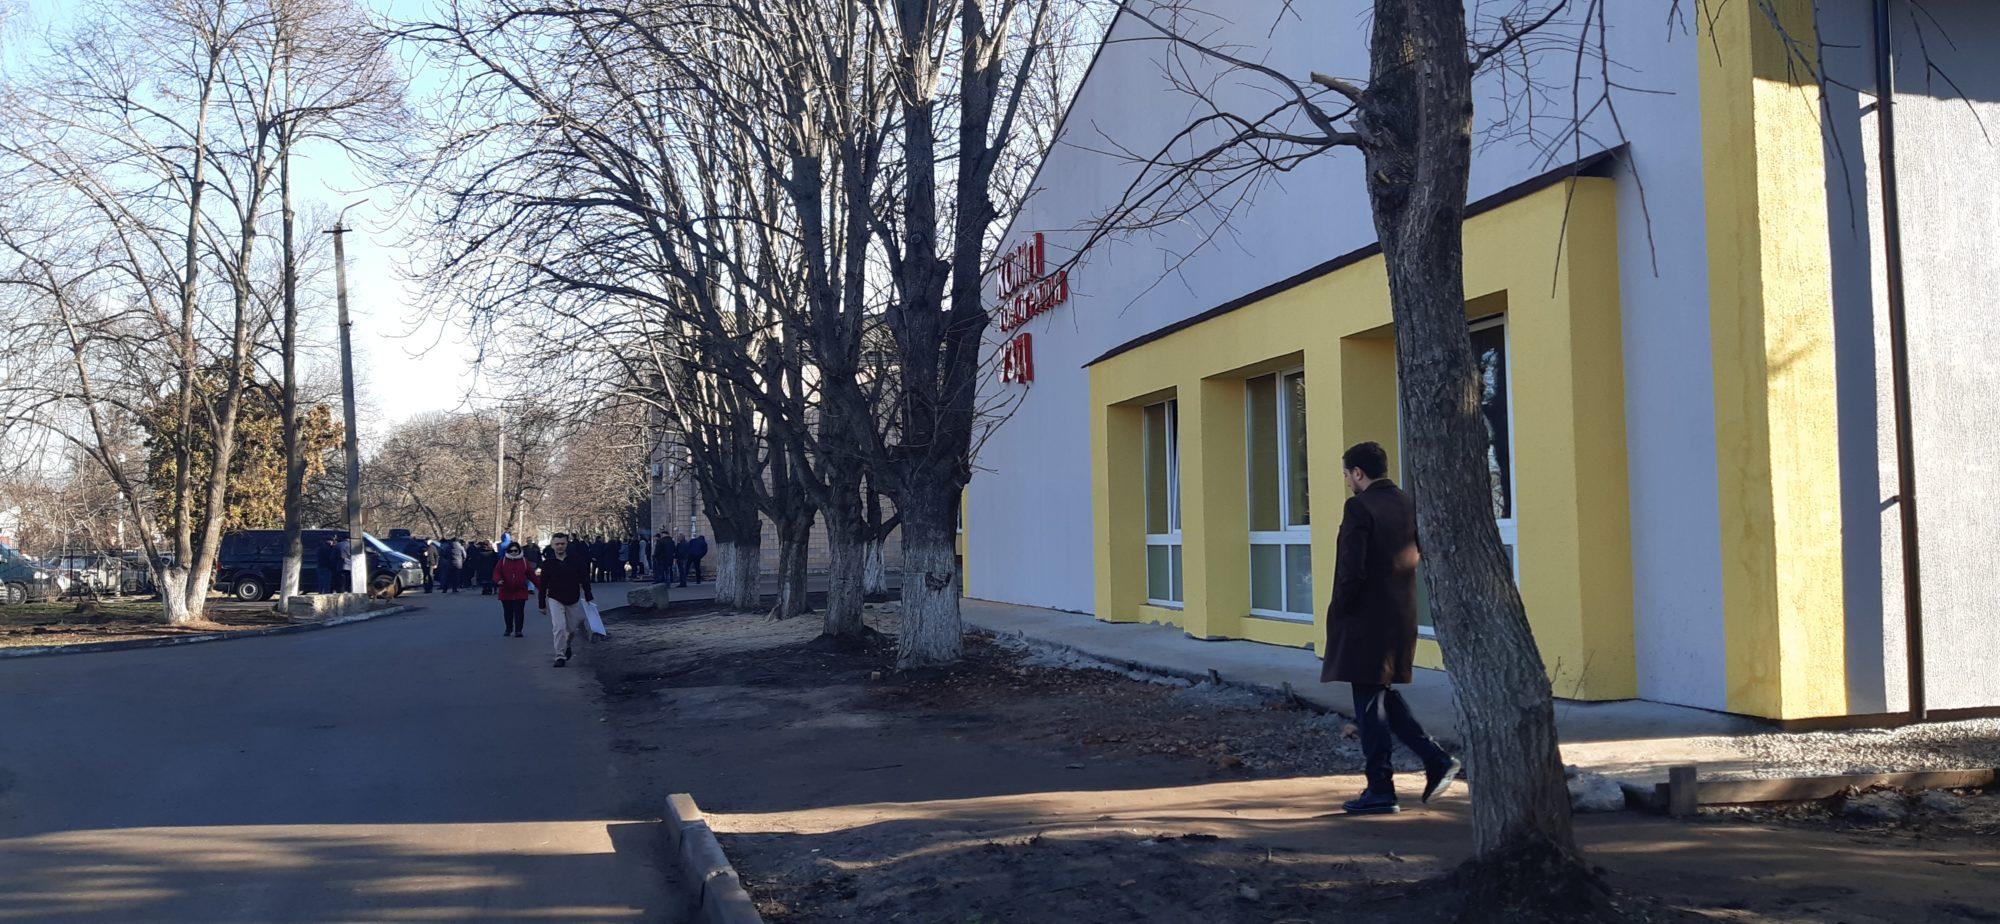 У Бориспільському р-ні 2 хворих на COVID-19 -  - 20200219 102154 2000x924